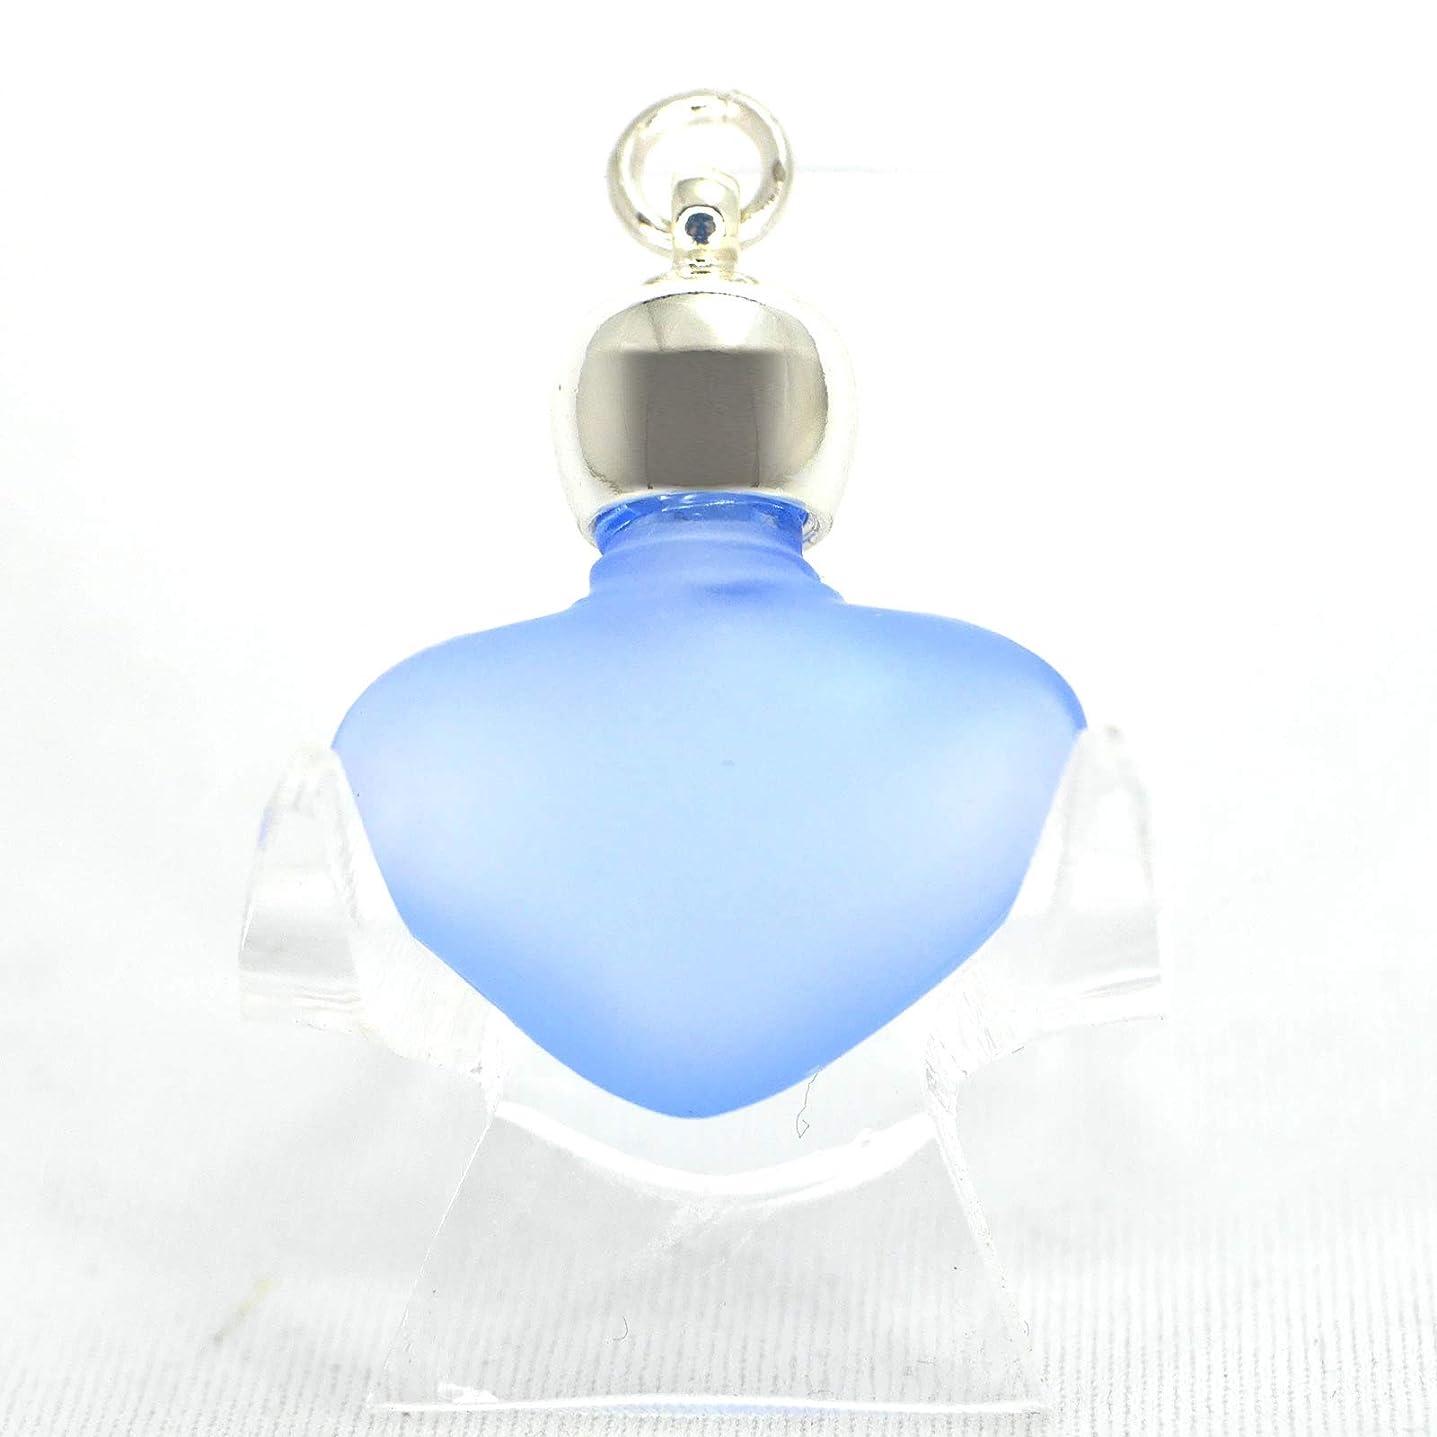 平日それから証書ミニ香水瓶 アロマペンダントトップ ハートブルーフロスト(青すりガラス)0.8ml?シルバー?穴あきキャップ、パッキン付属【アロマオイル?メモリーオイル入れにオススメ】